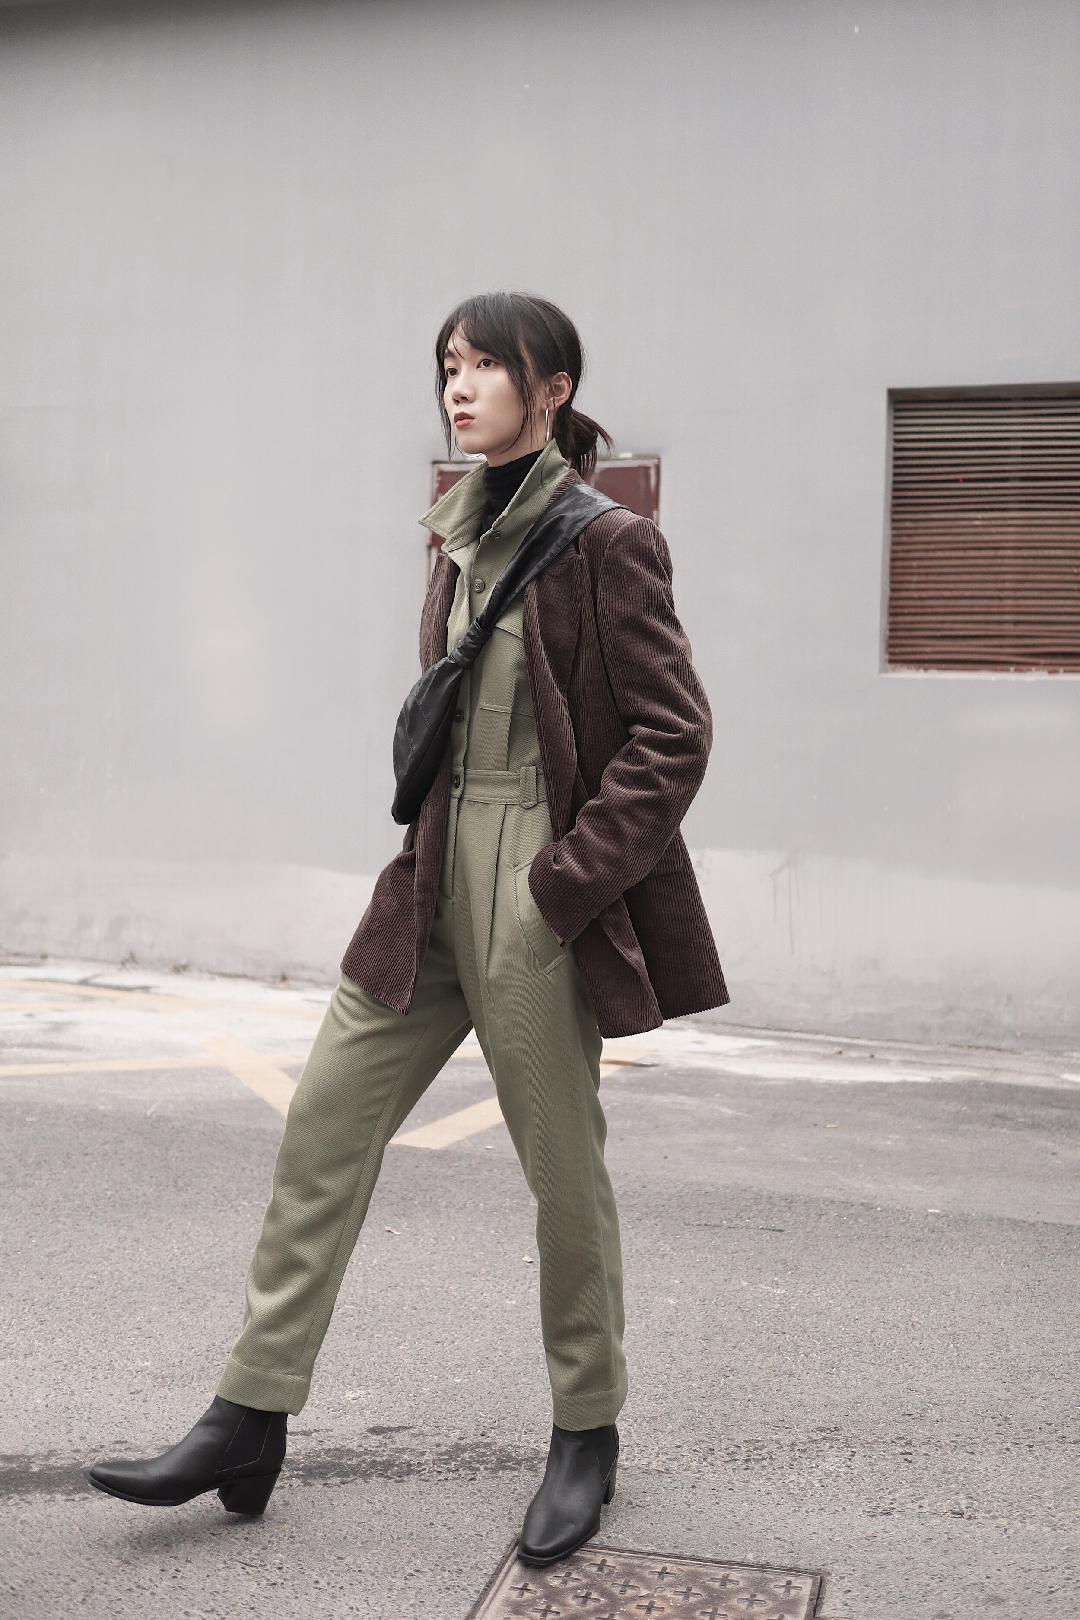 连体裤与最时髦元素灯芯绒帅气组合  工装连体裤和西装都是非常有气场的单品,搭配组合在一起有一加一大于二的效果~走起路来自带气场,绝对是街上最酷的女生哦! #丢掉黑白灰,来一剂撞色调味#